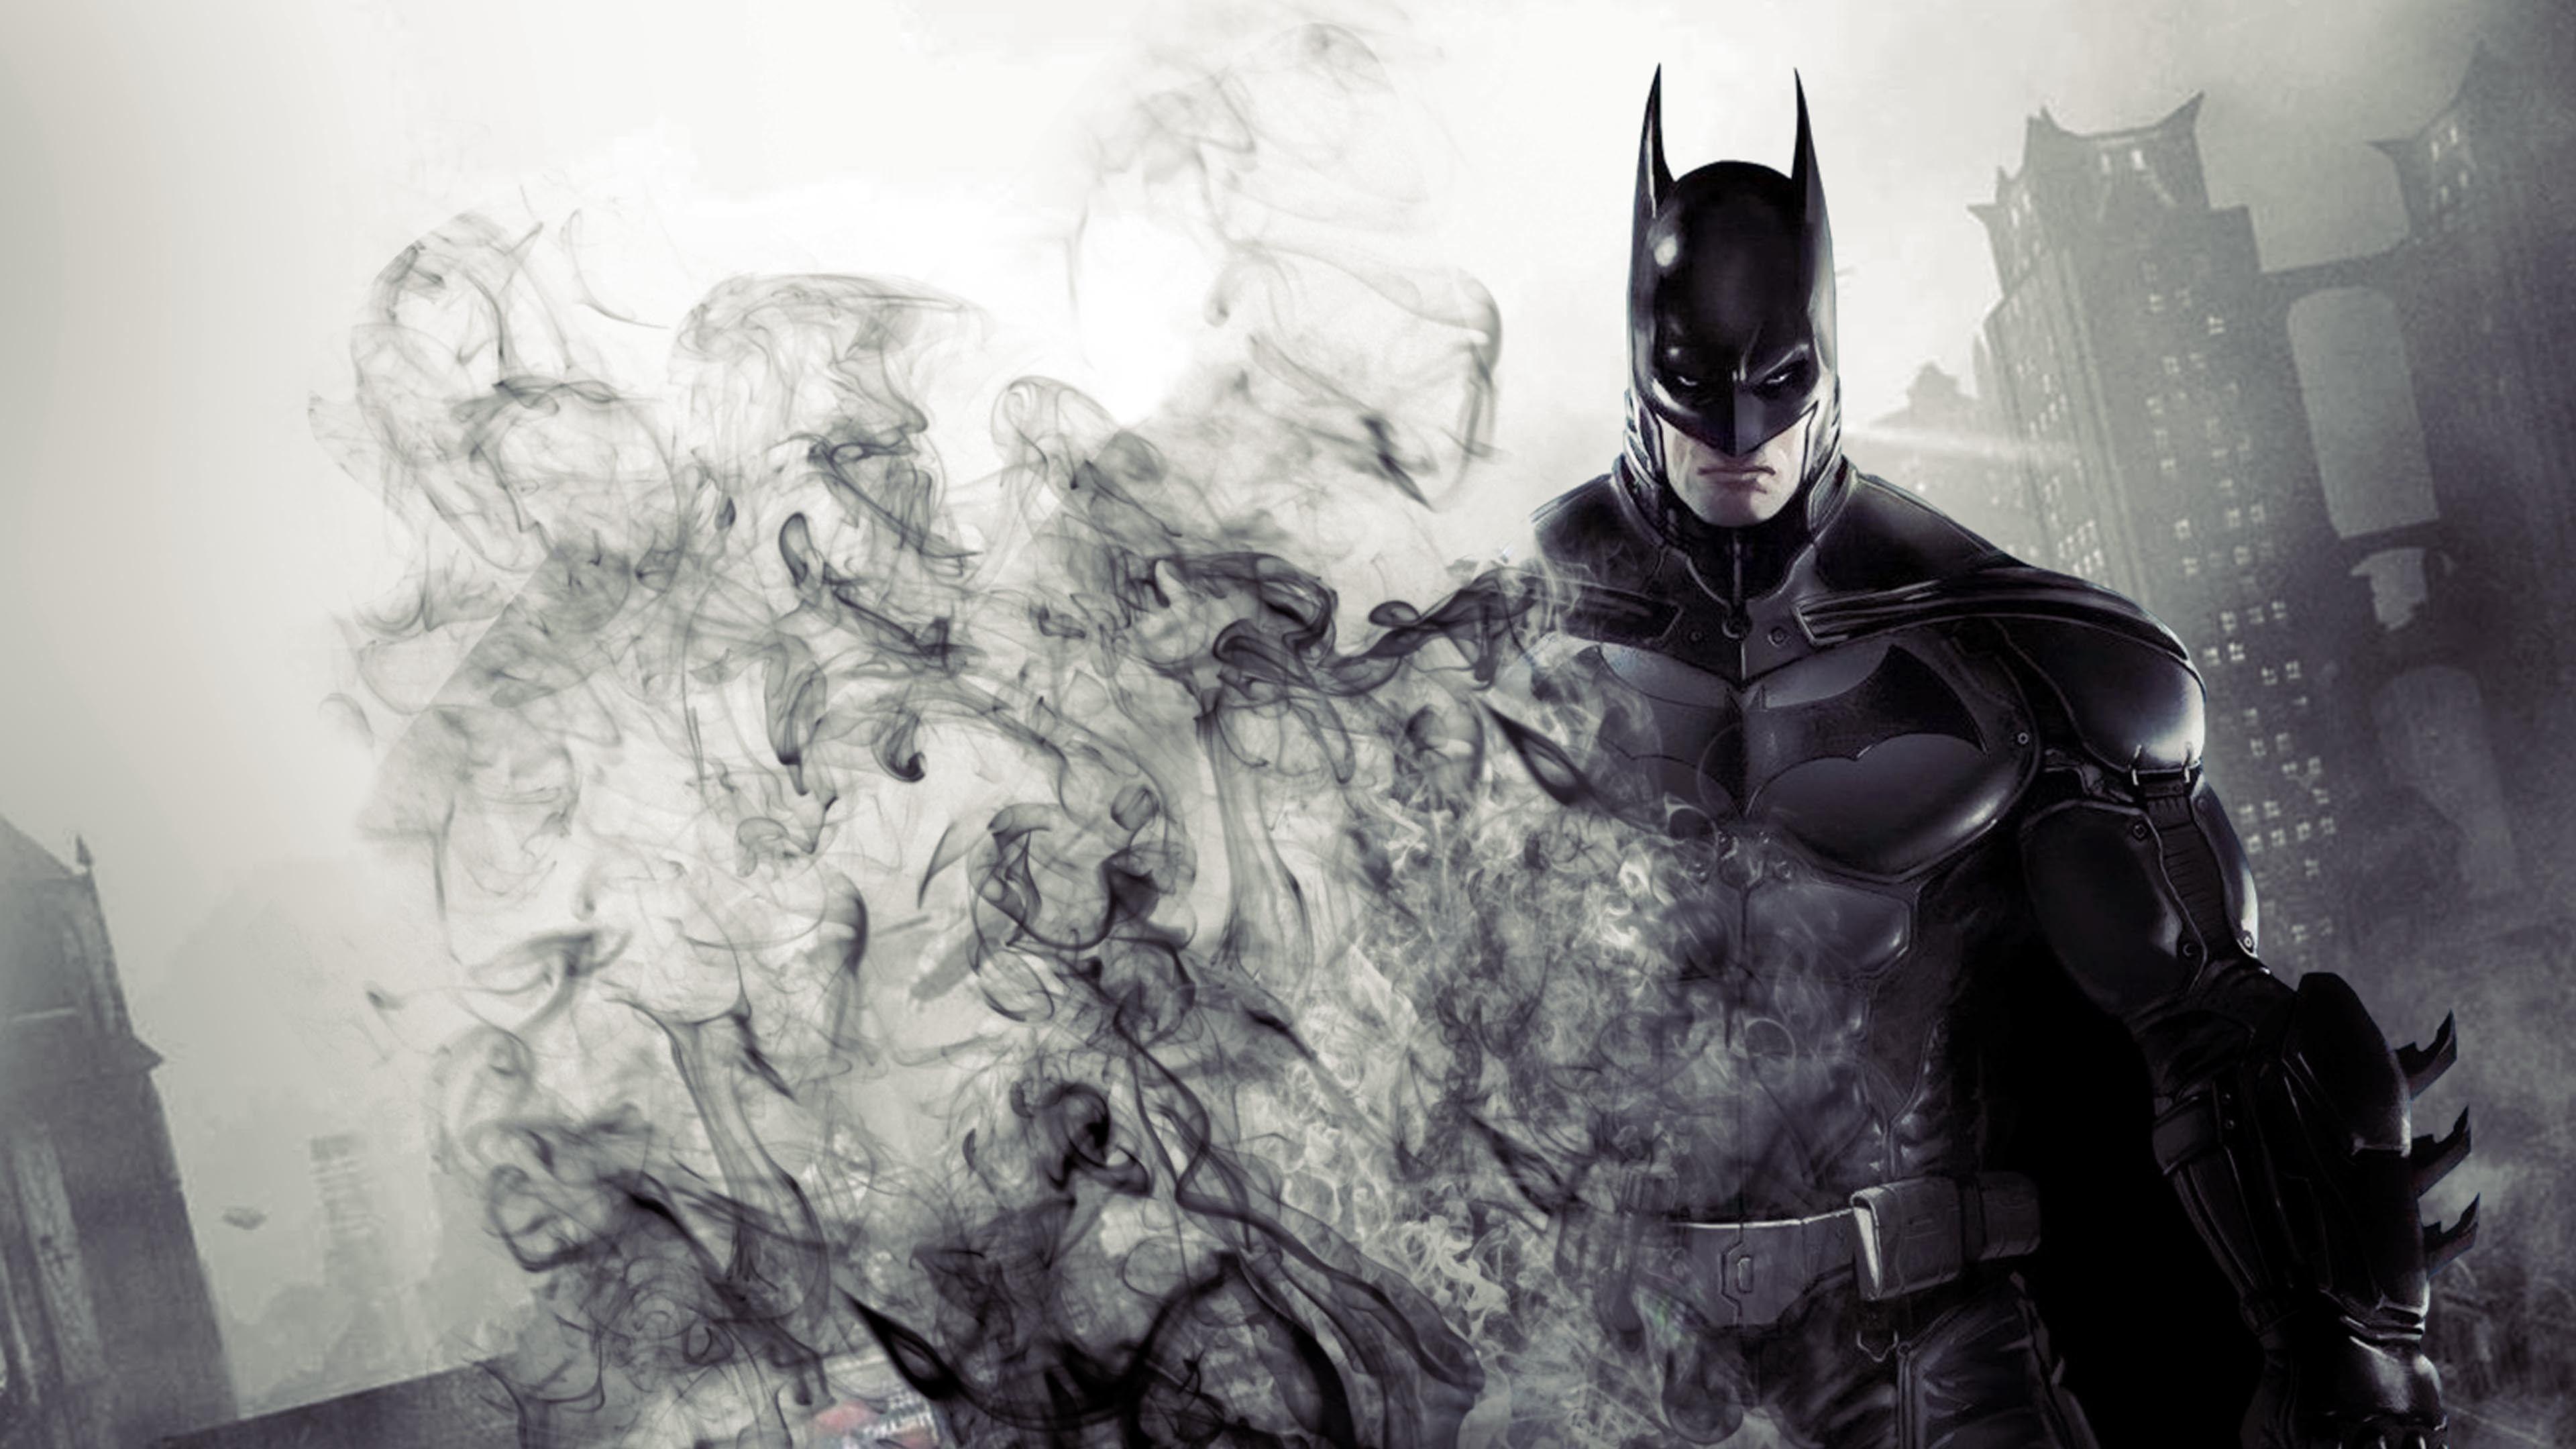 3840x2160 Batman 4K Wallpaper 3840x2160 wallpaper Batman